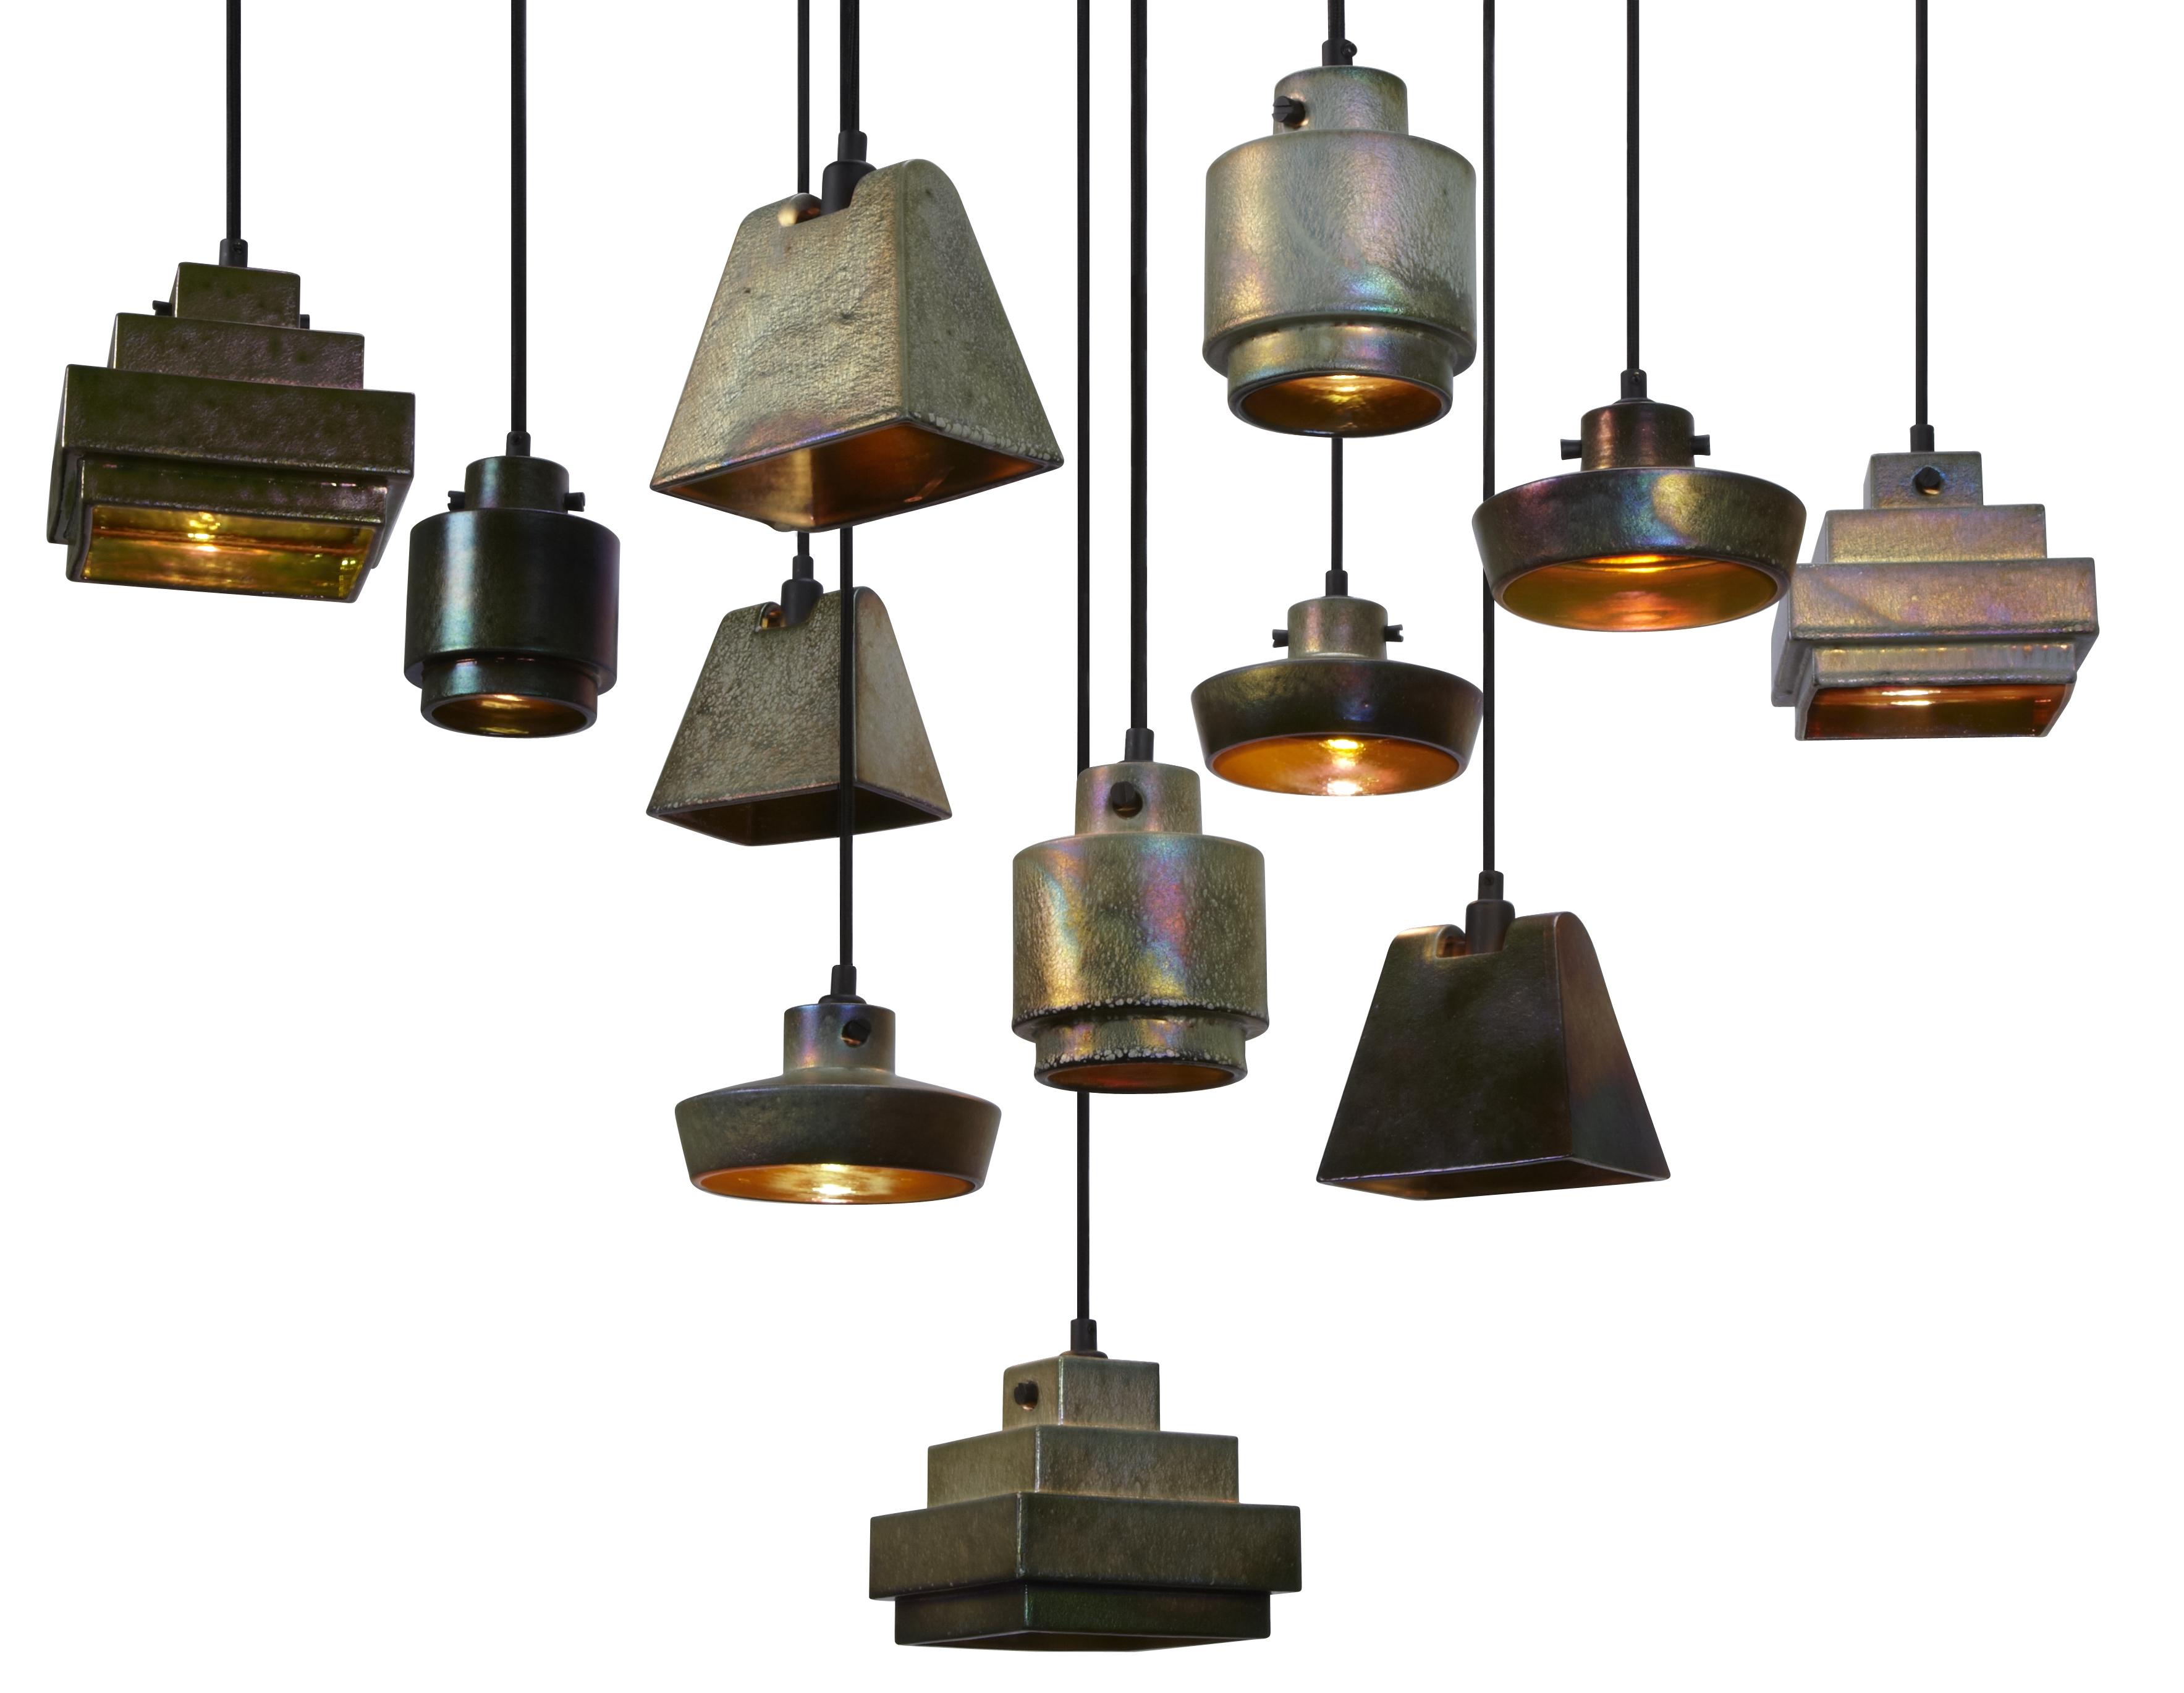 tom dixon lustre light press download 1 interior design. Black Bedroom Furniture Sets. Home Design Ideas